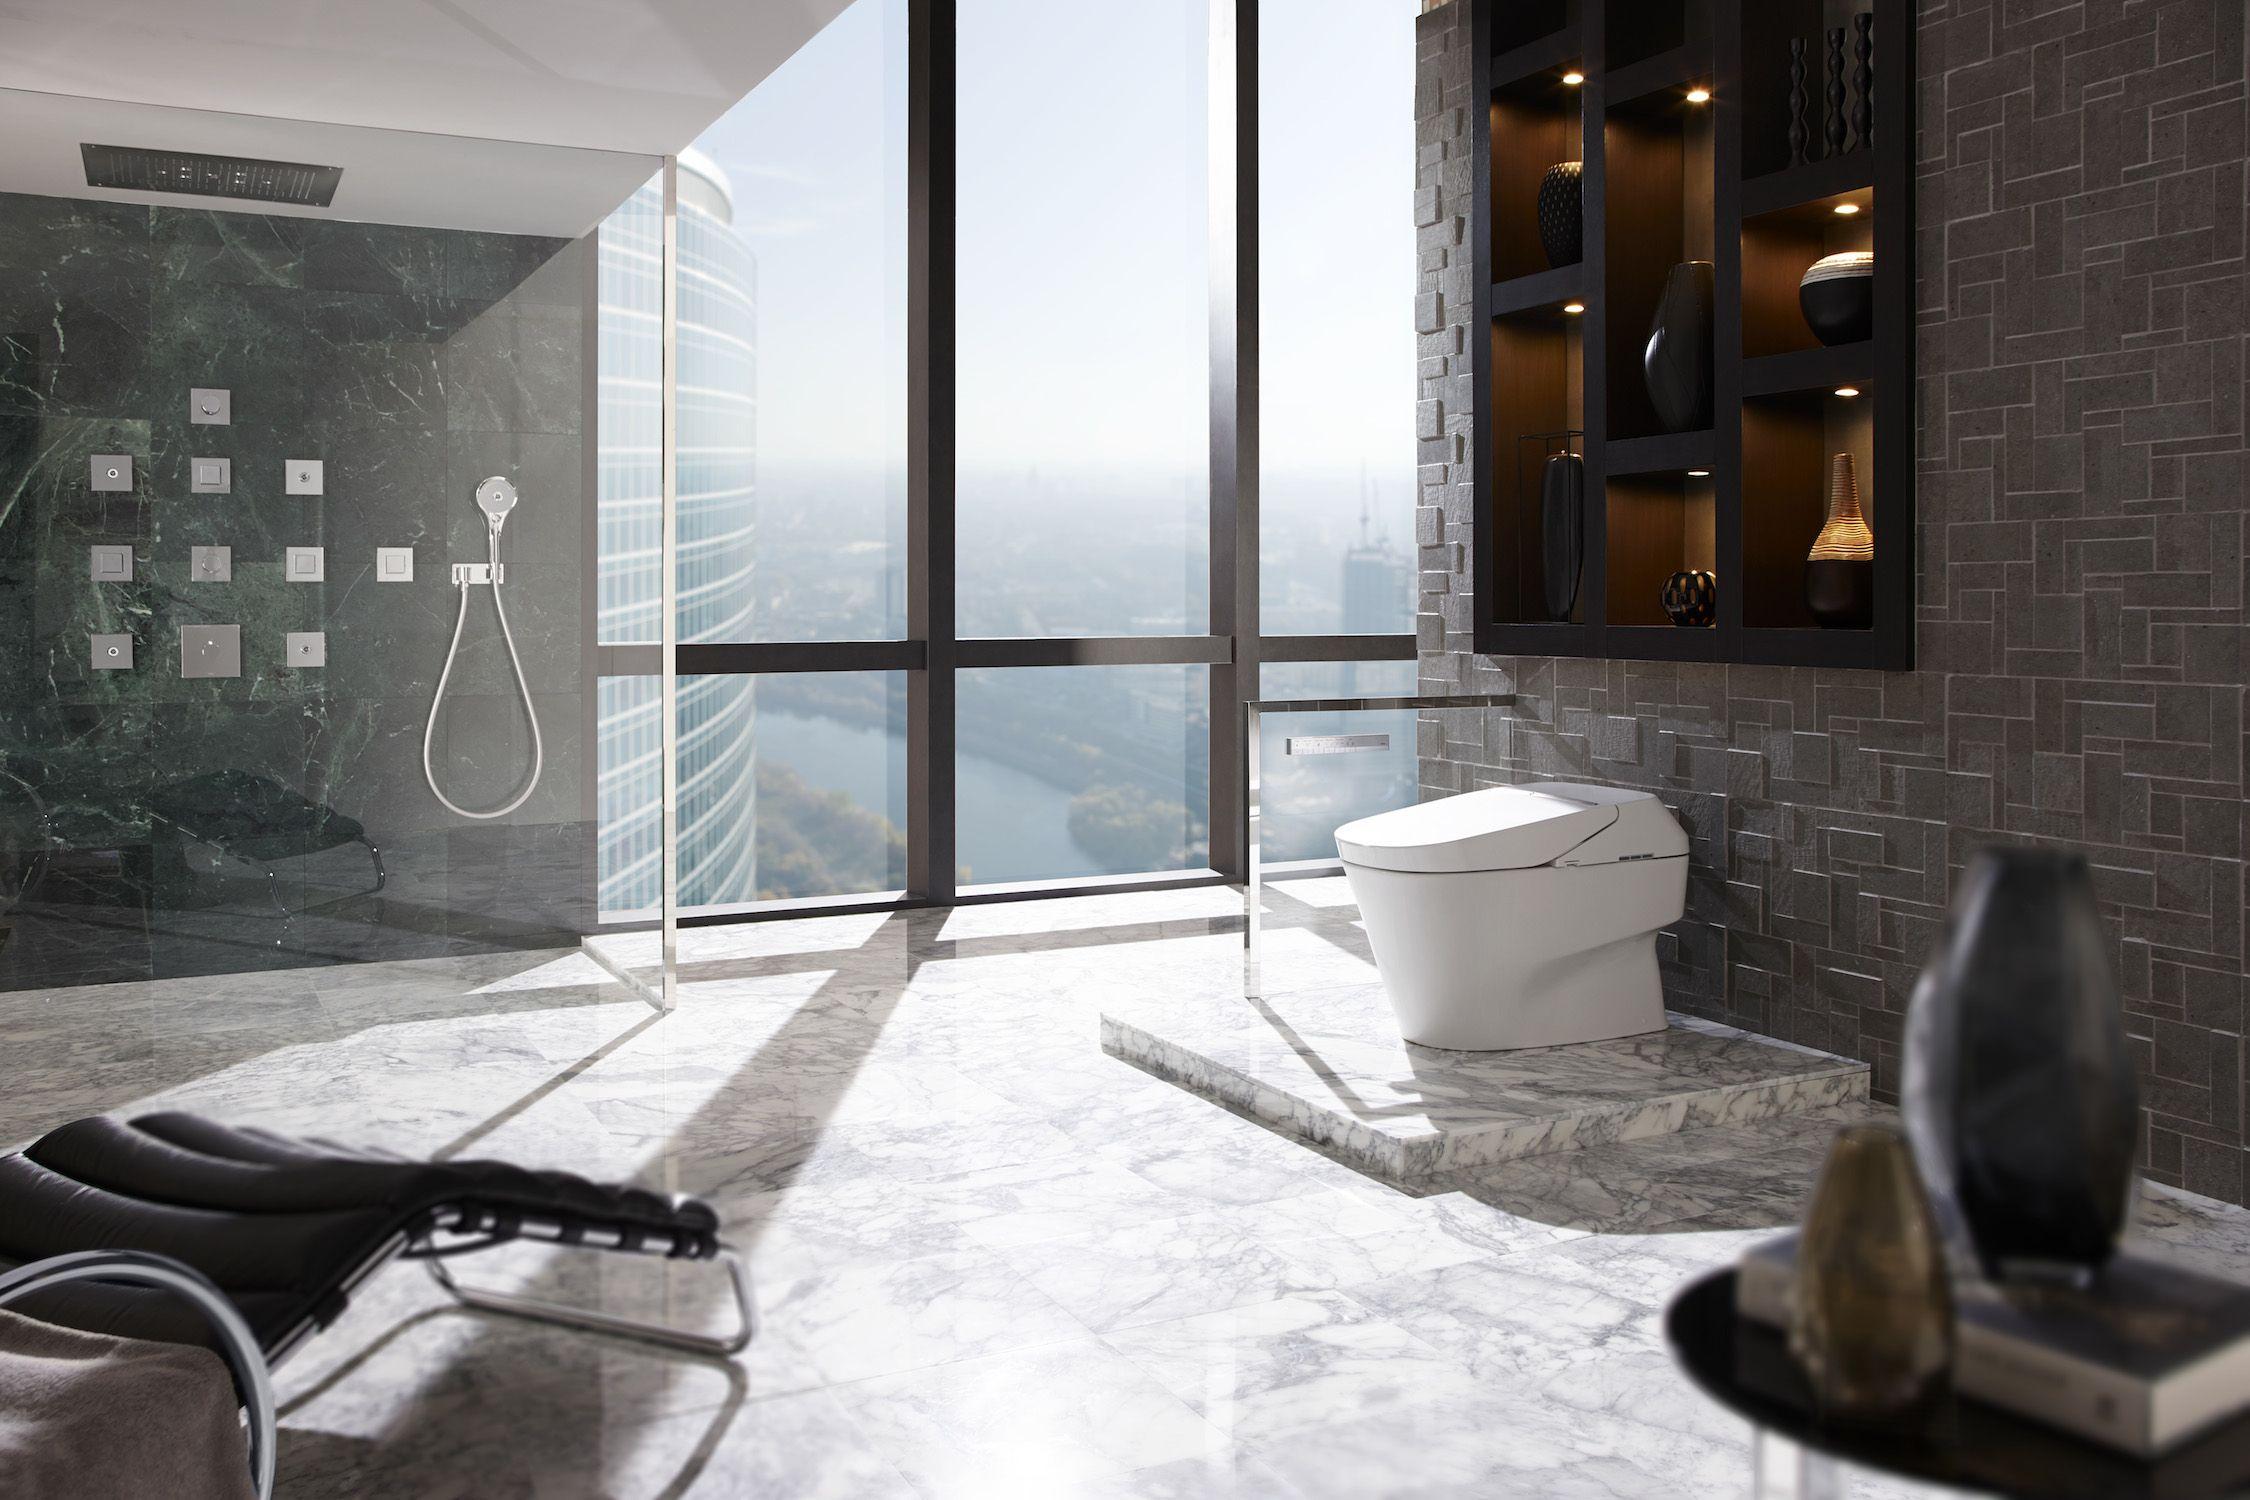 15 Dream Bathroom Inspiration Photos, Dream Bathroom Ideas